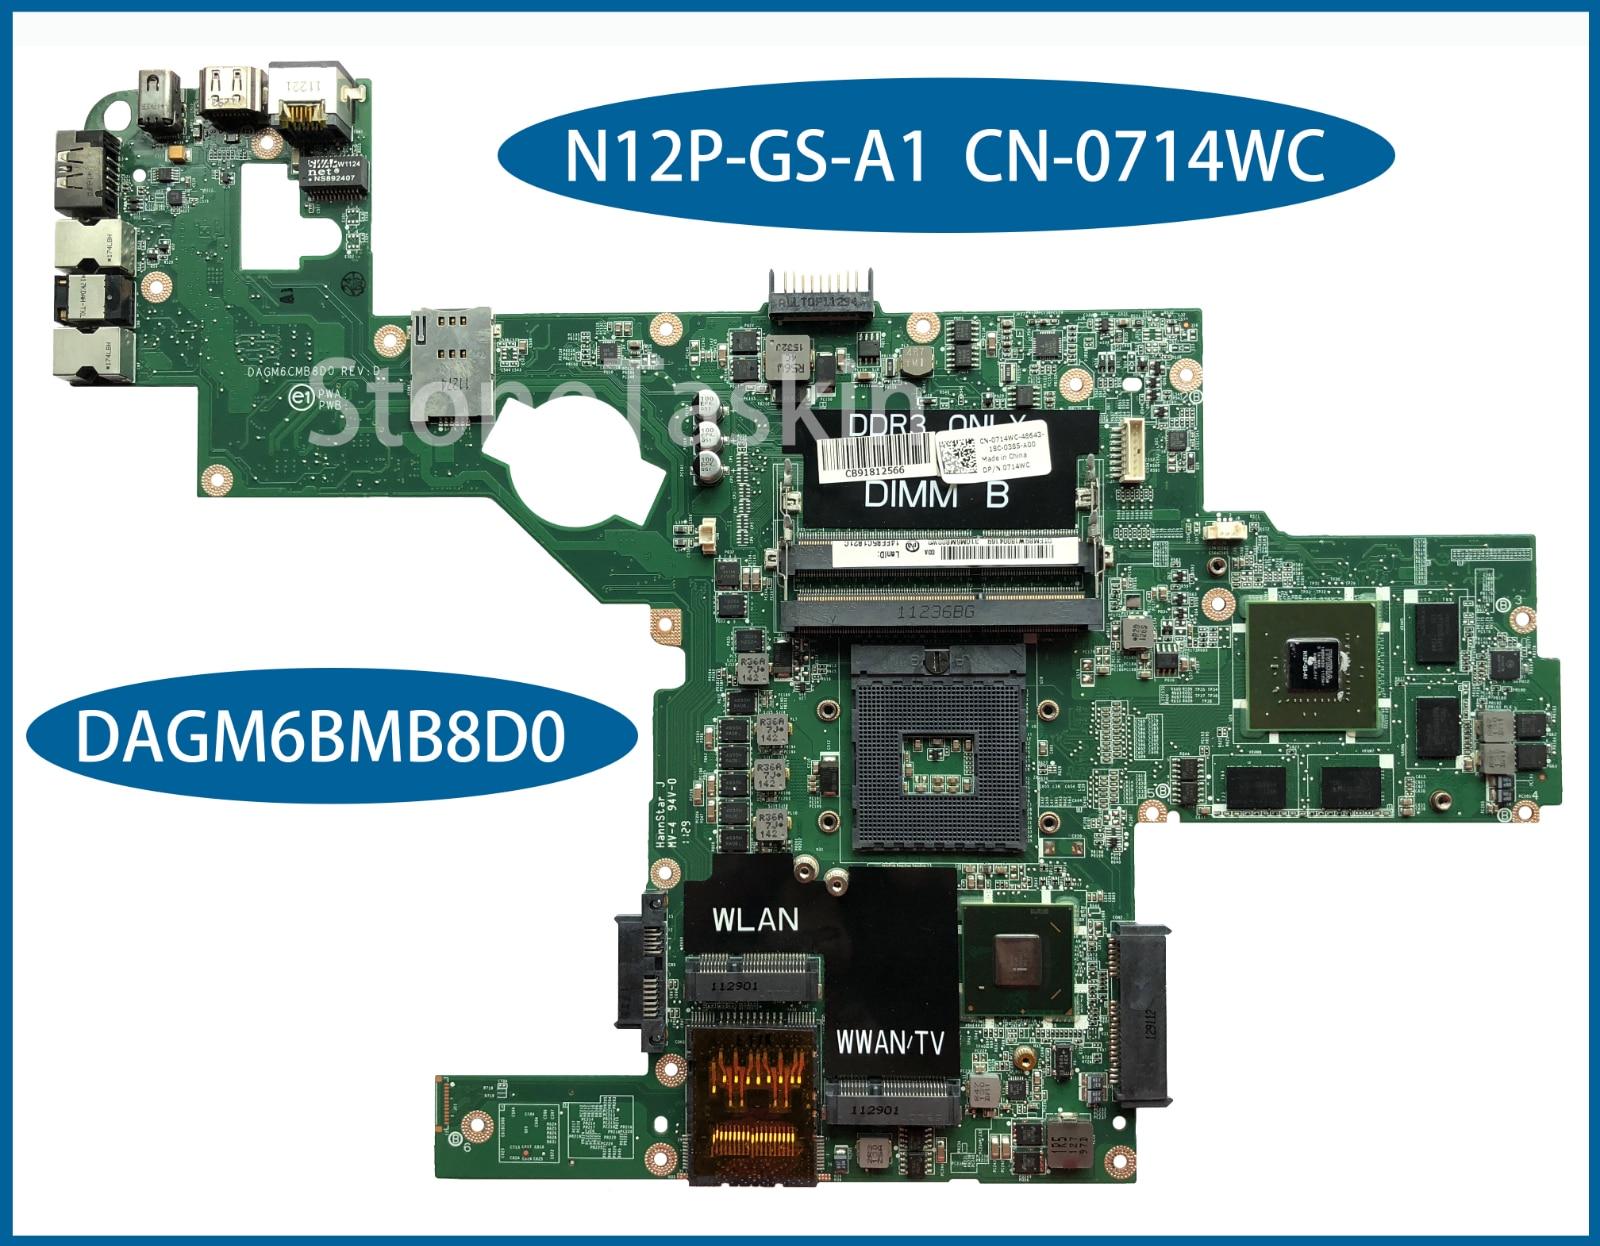 Лучшее соотношение цена/качество CN-0714WC для Dell XPS L502X Материнская плата ноутбука DAGM6BMB8D0 N12P-GS-A1 SLJ4N 100% полностью протестирована Бесплатная дост...